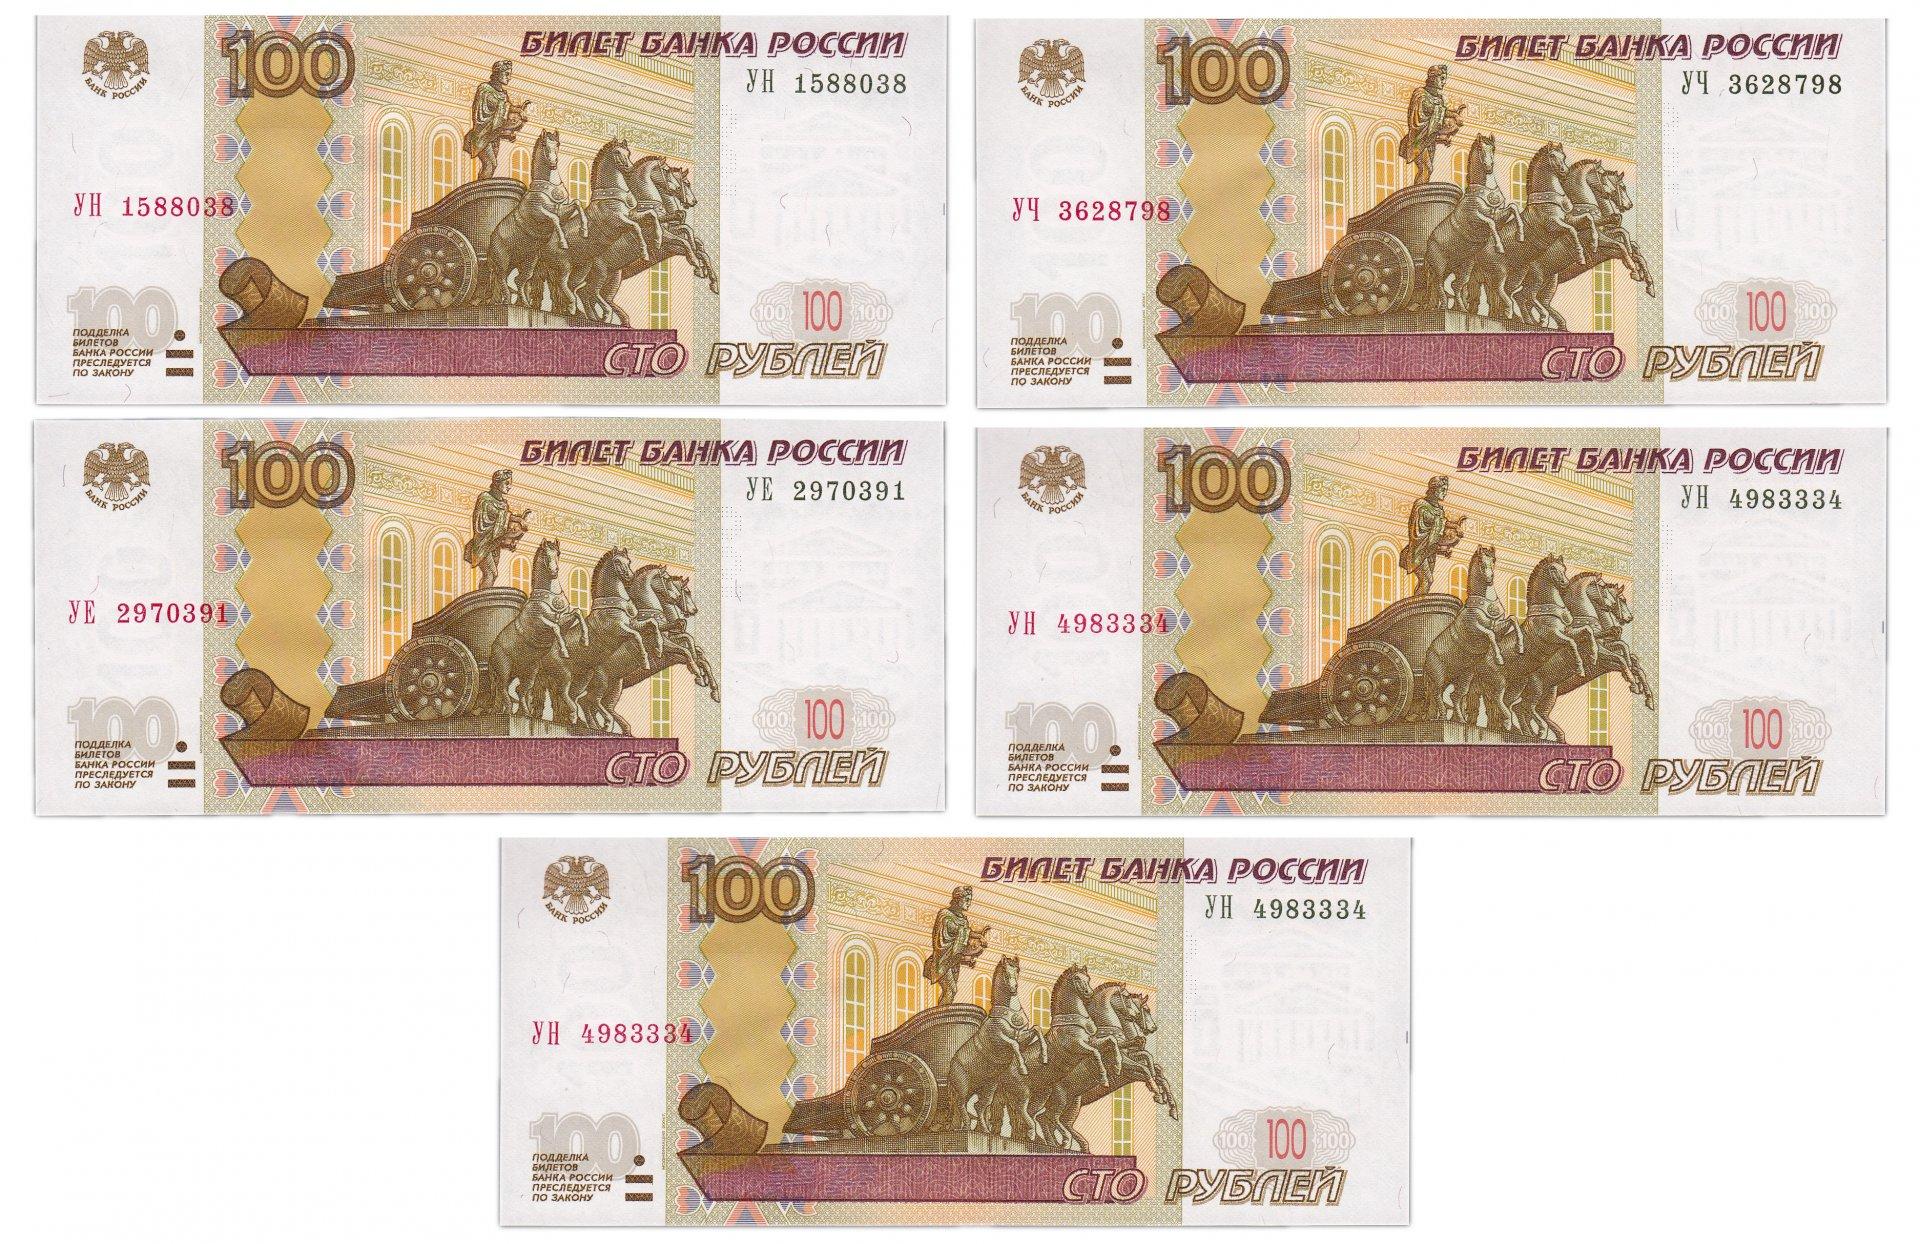 этом она картинки 100 рублей печатать третьем